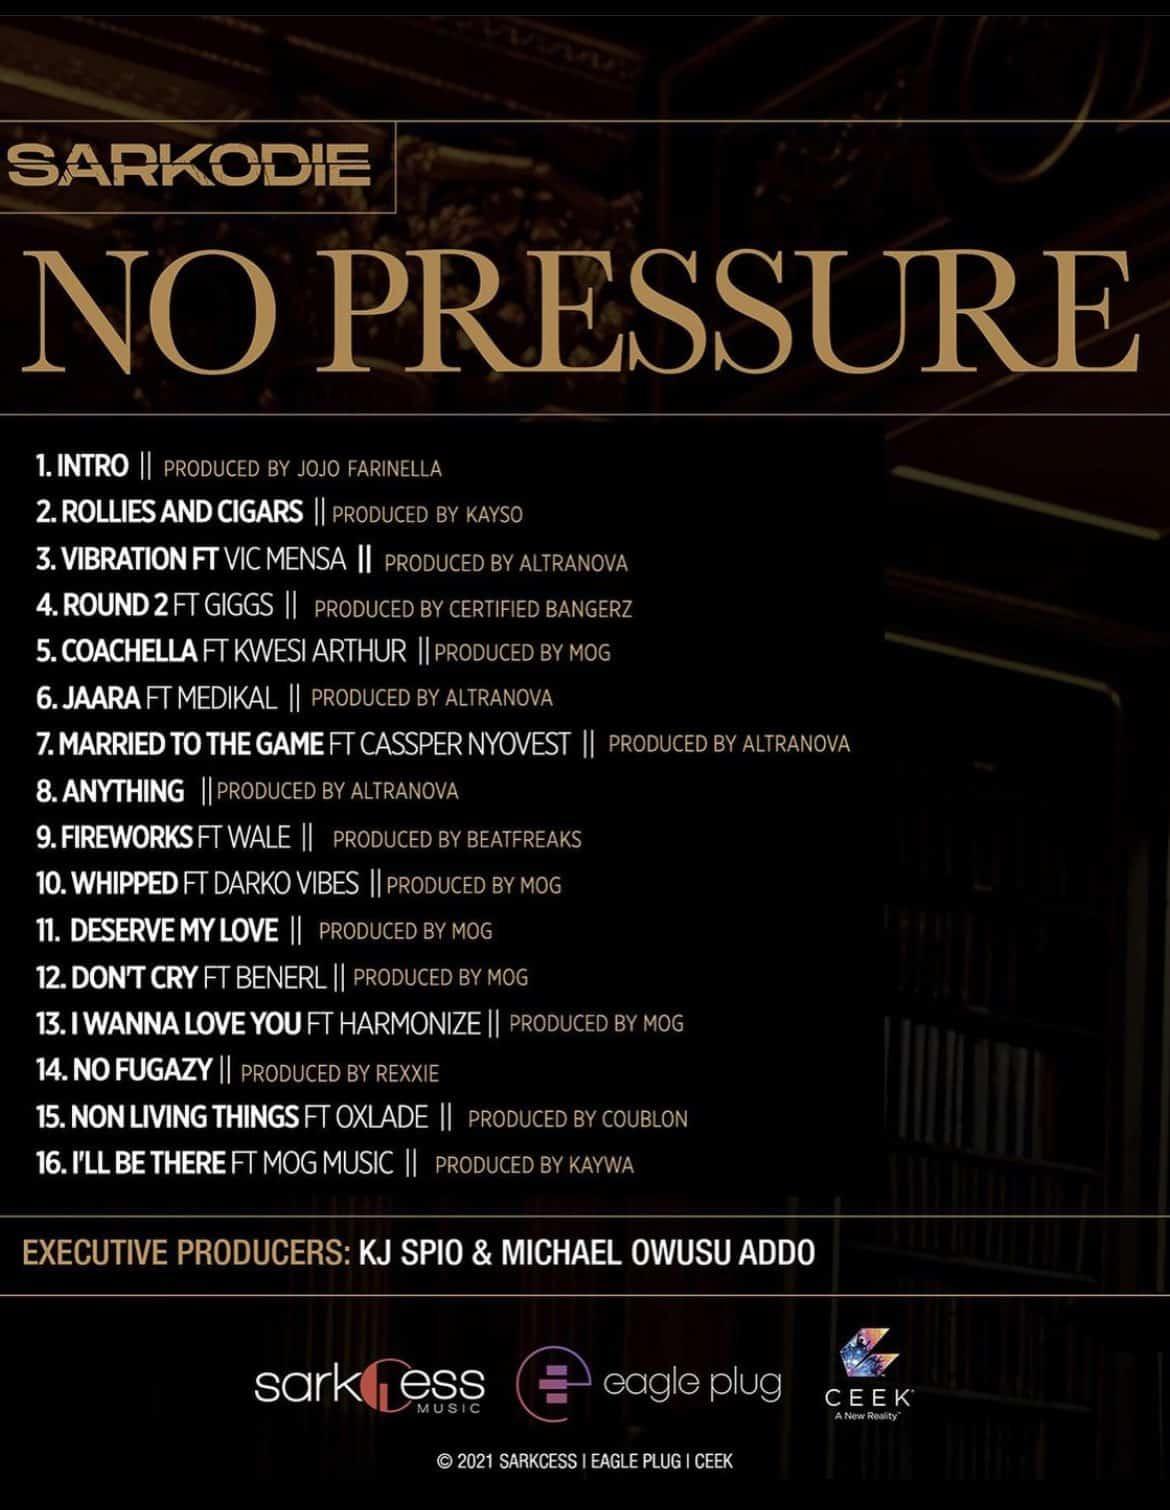 Sarkodie No Pressure Album Tracklist